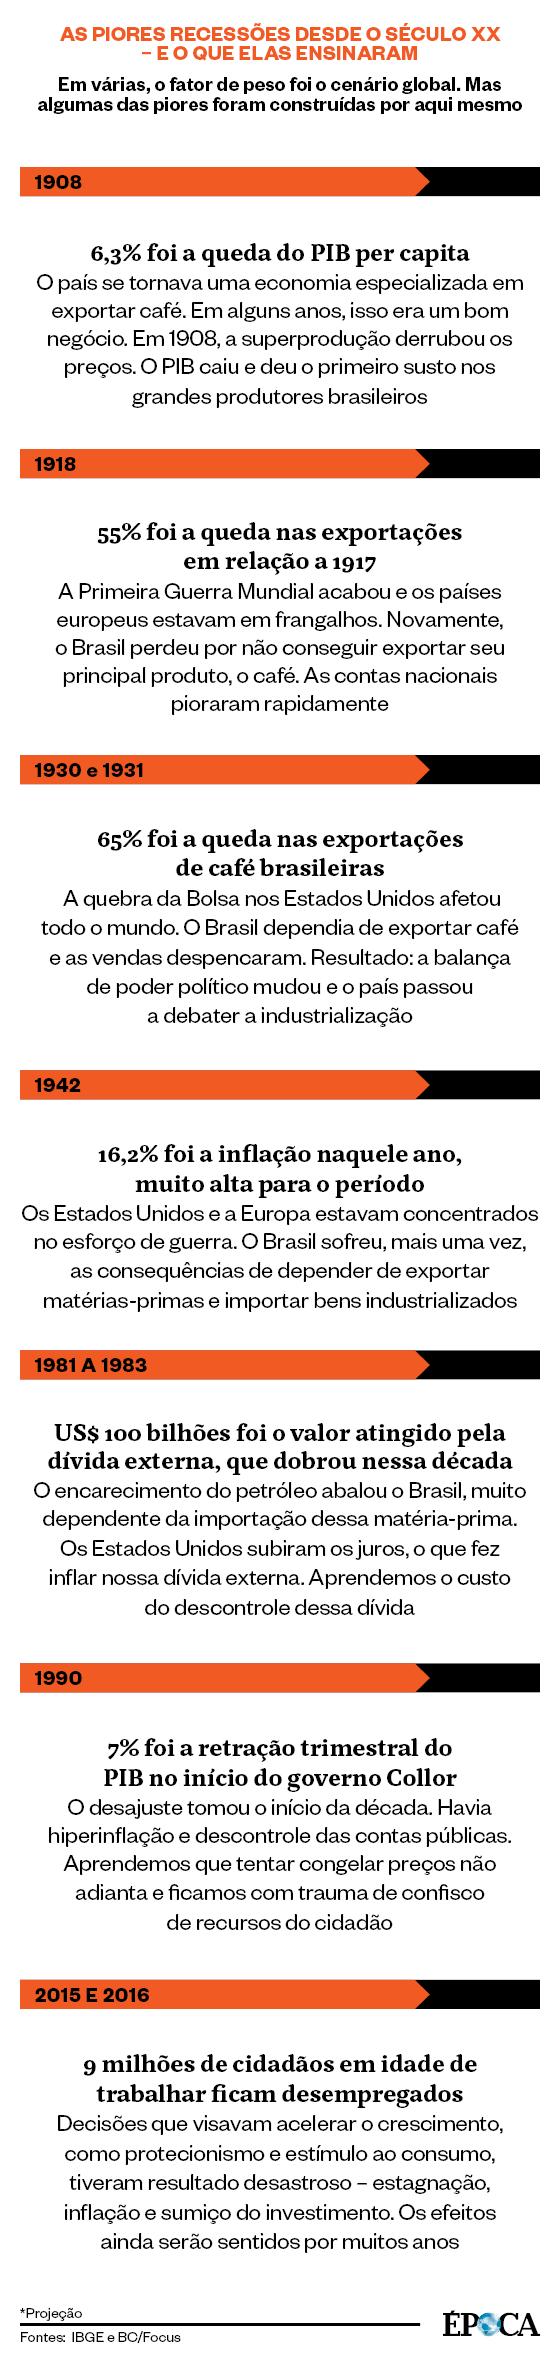 ÉPOCA - Valores da economia brasileira